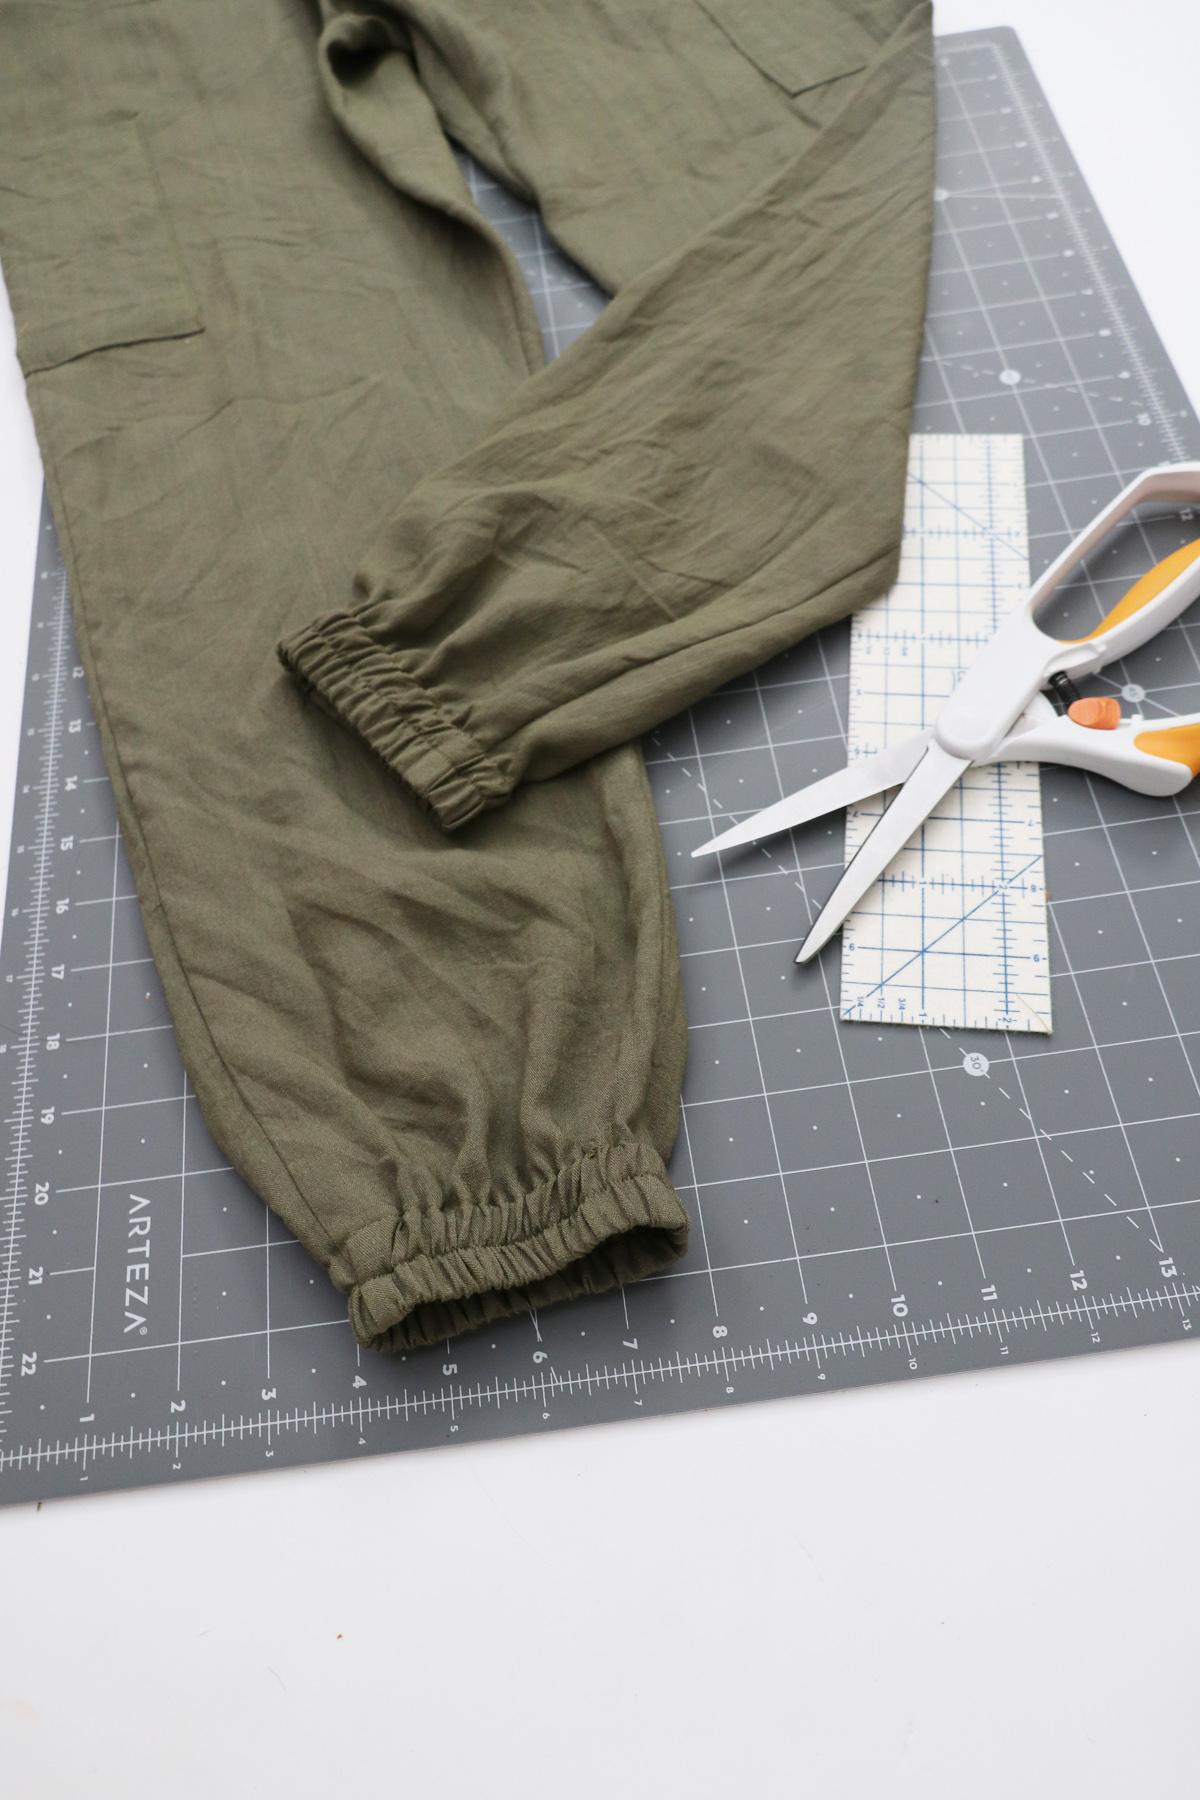 Opal Pants And Shorts - Elastic Hem Hack - Finished Result